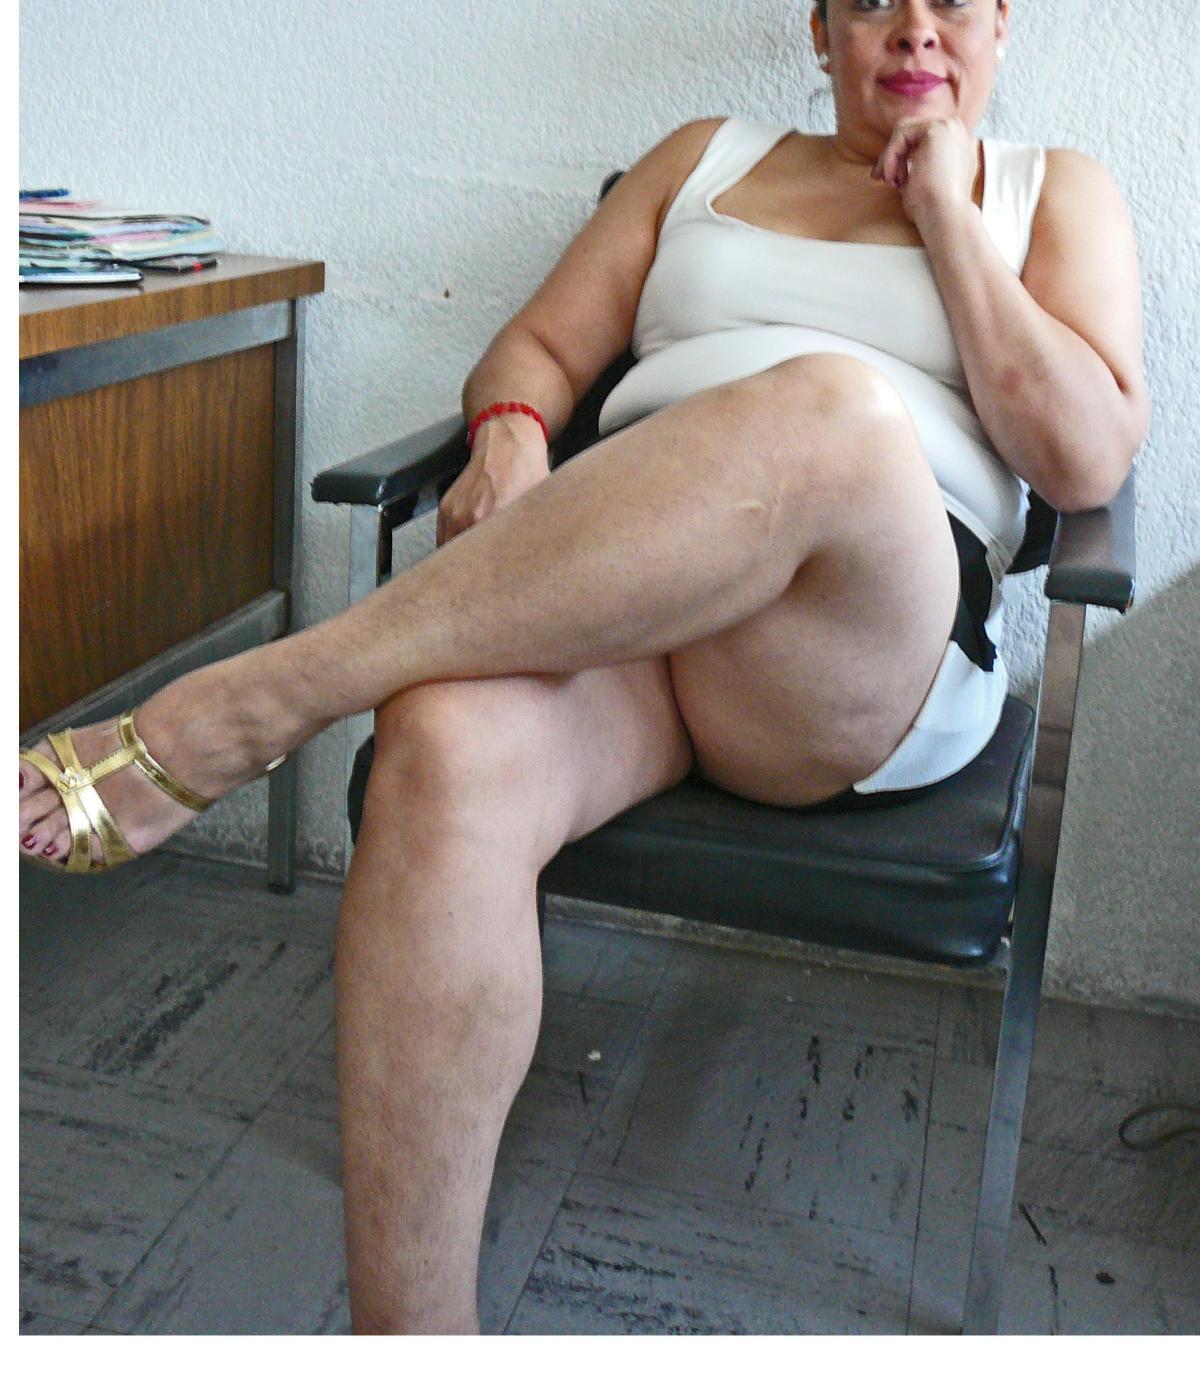 En calza y sin bombacha por la estacion ramos mejia - 3 part 6